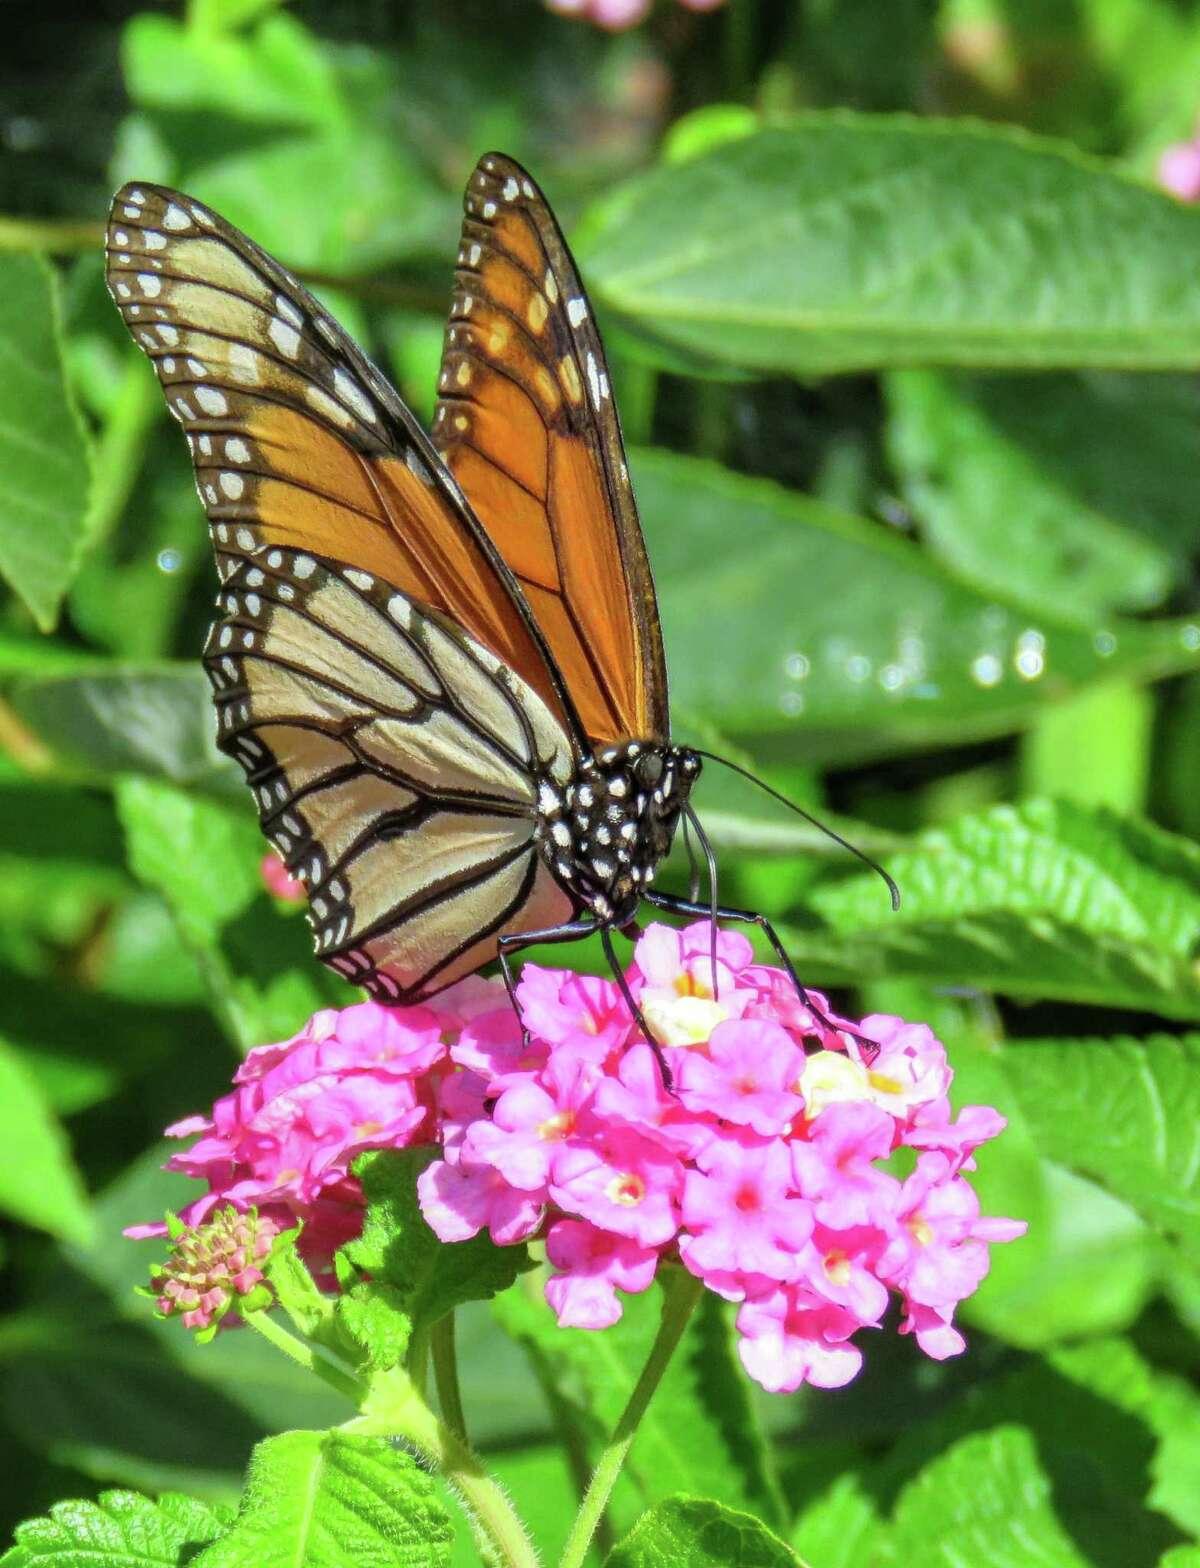 Monarch butterflies in Columbia county by Jody Weidel